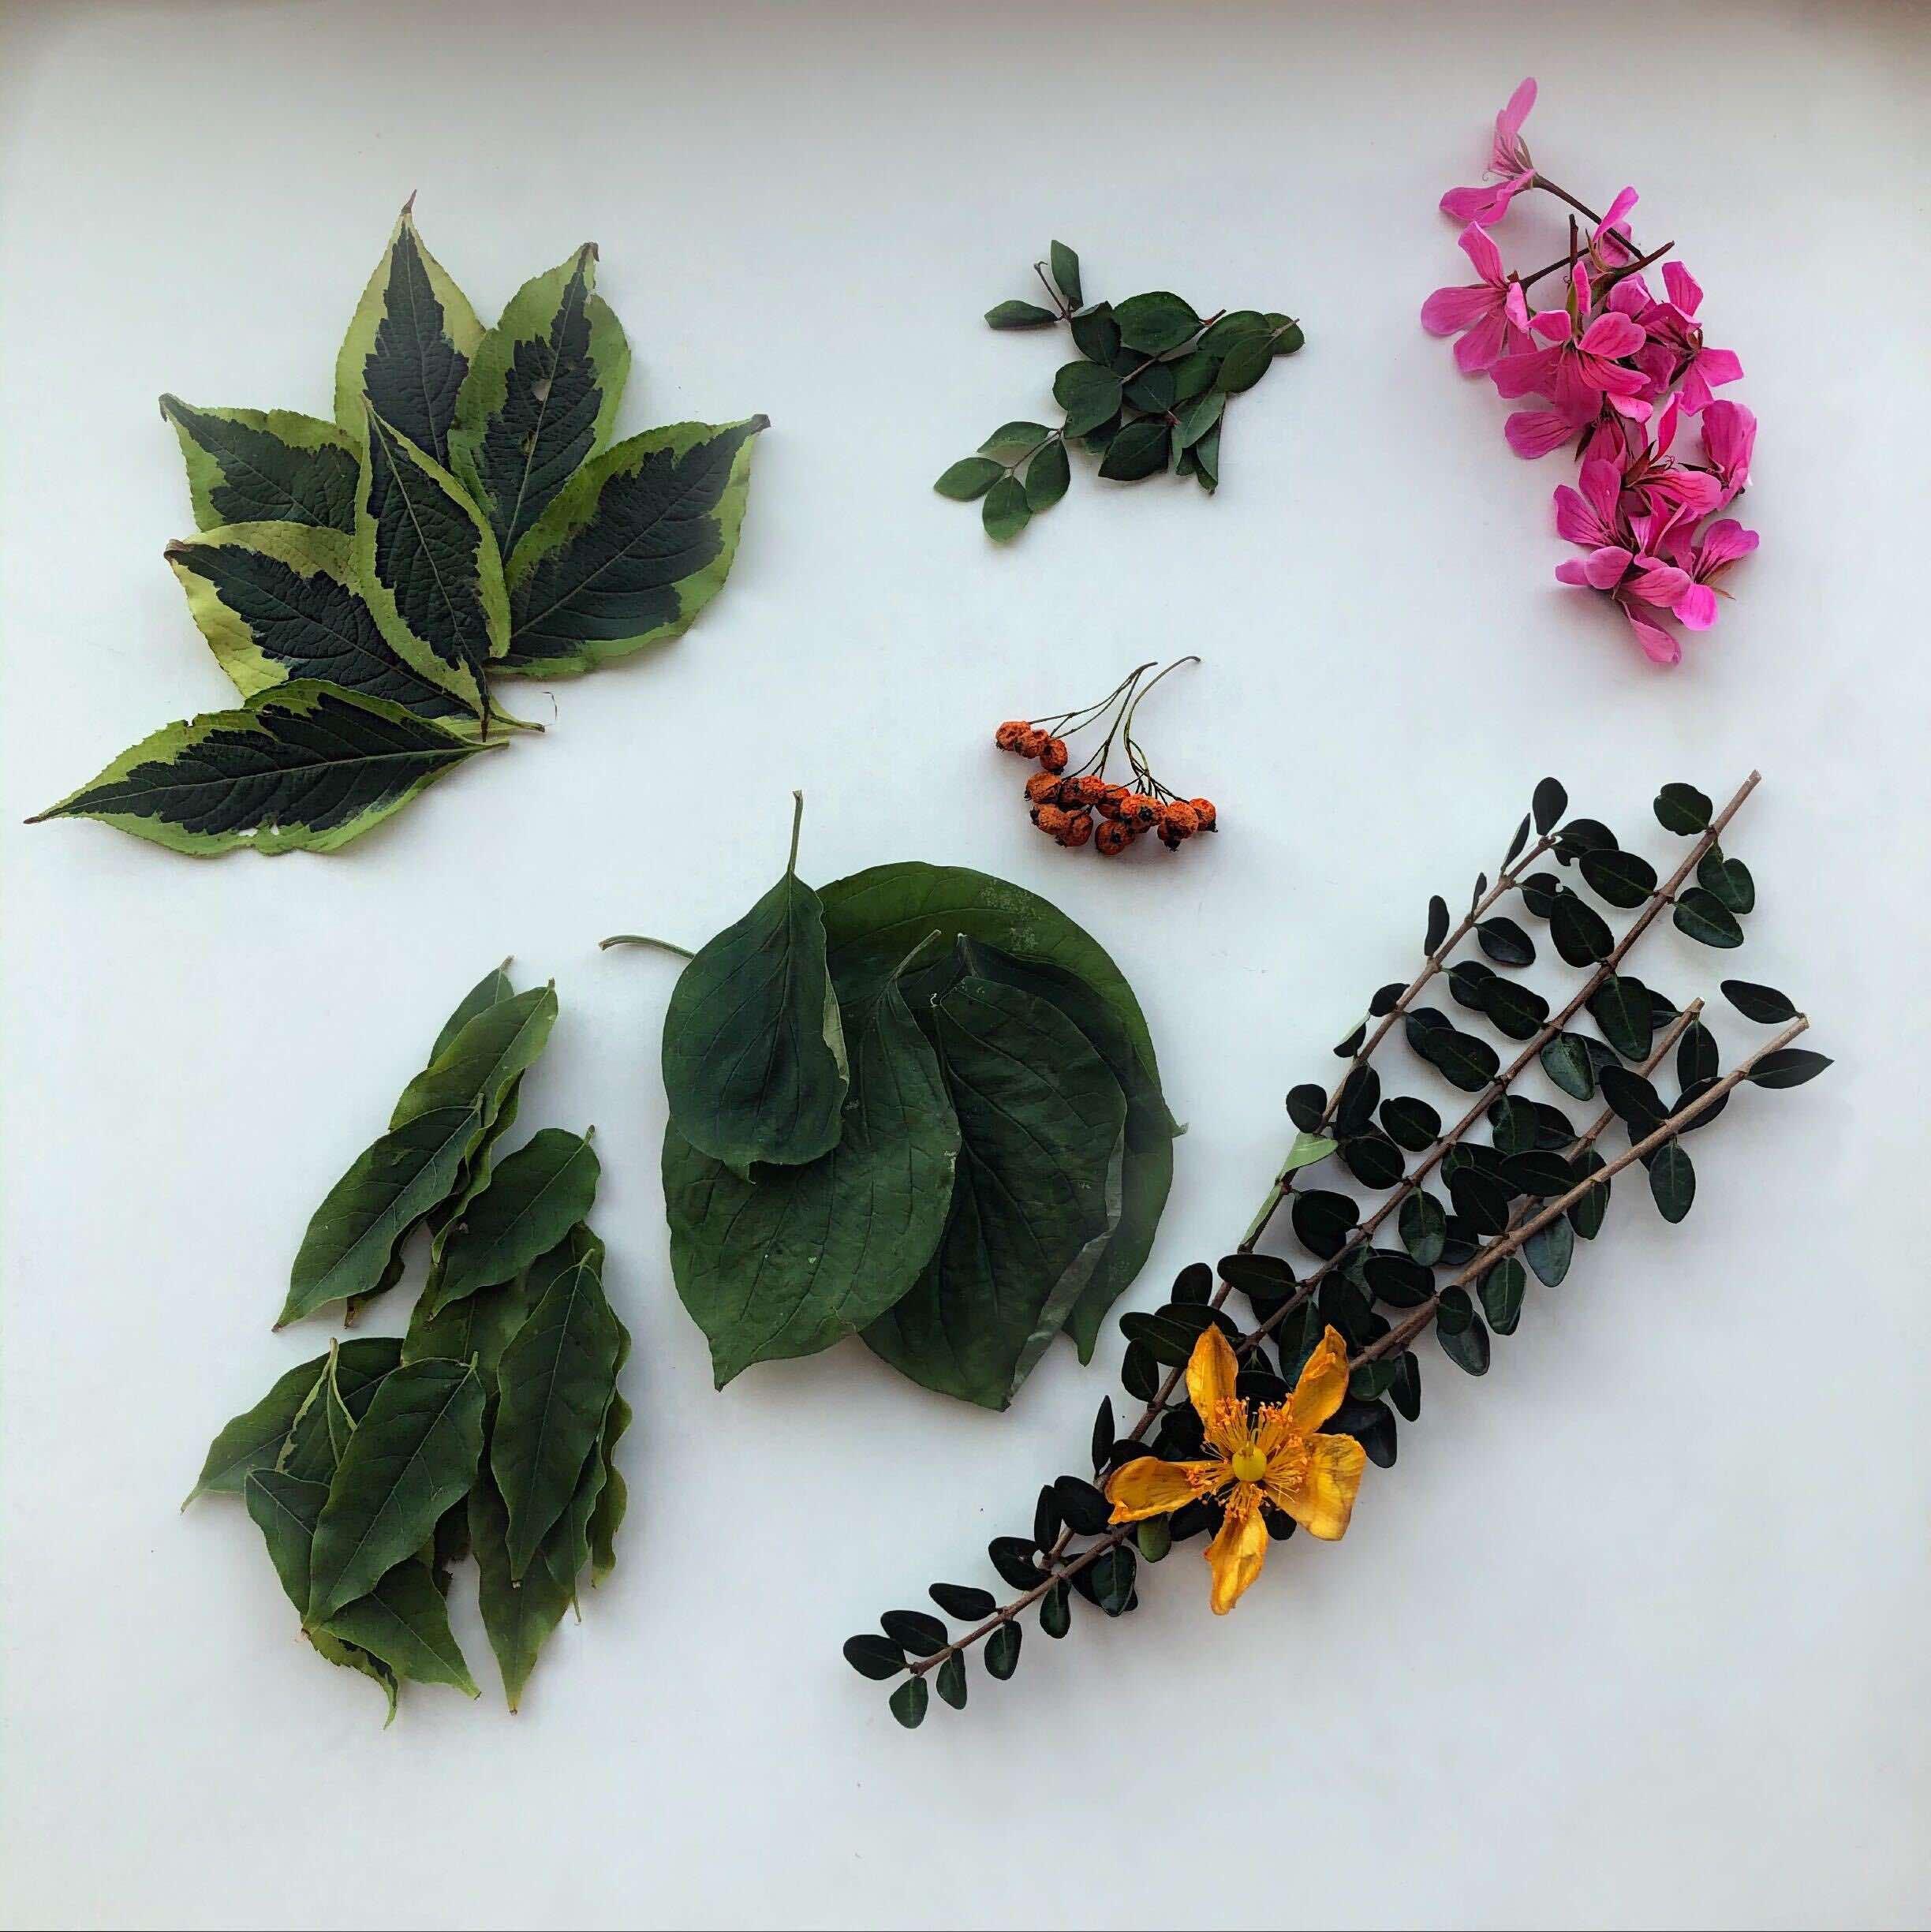 Knutselen met bladeren